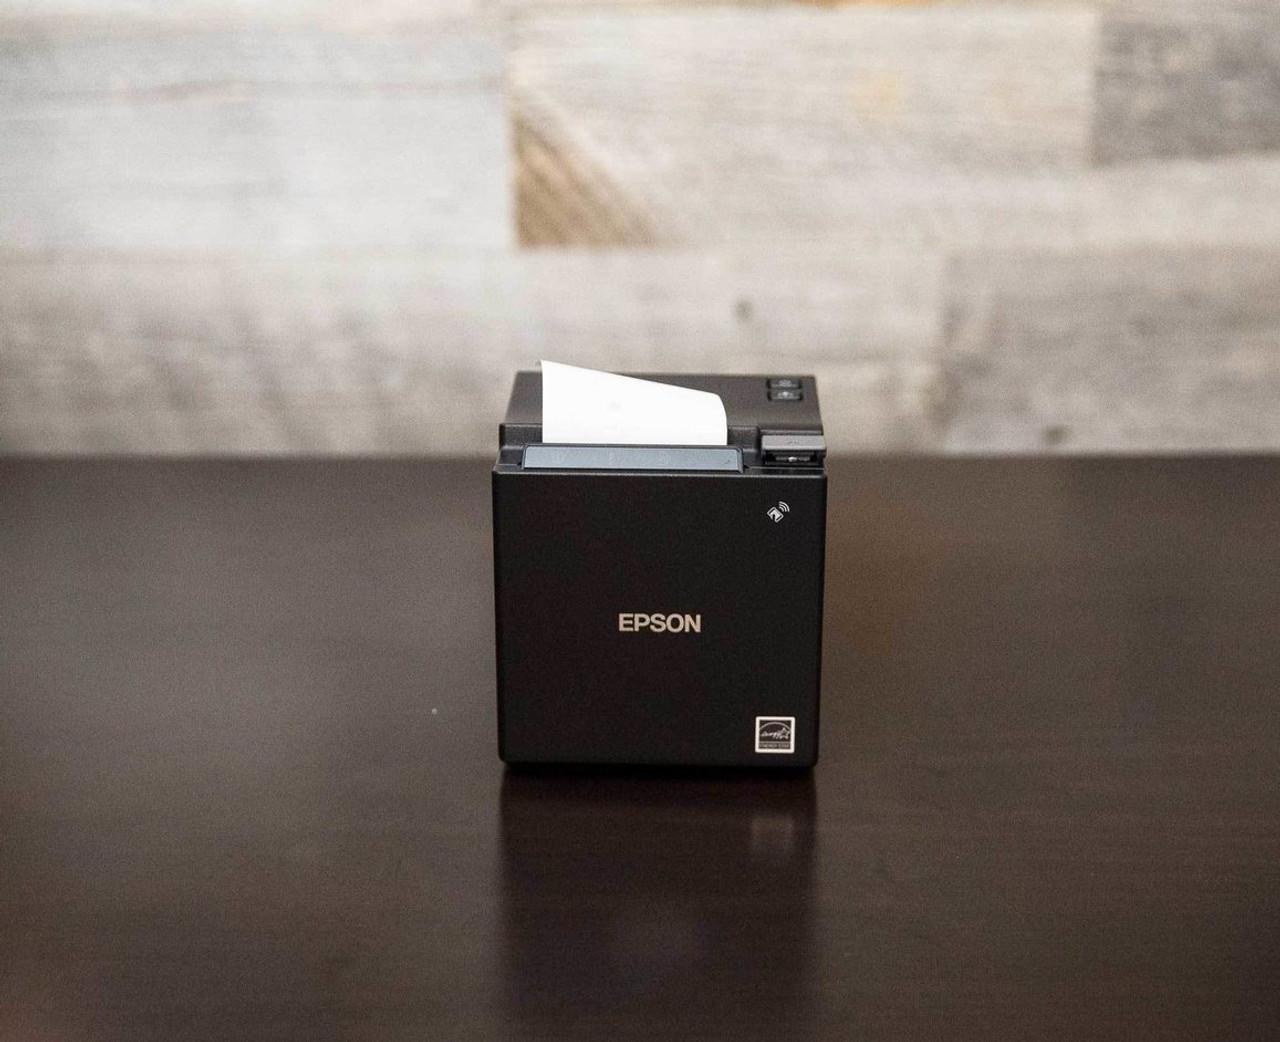 Epson Ethernet Printers